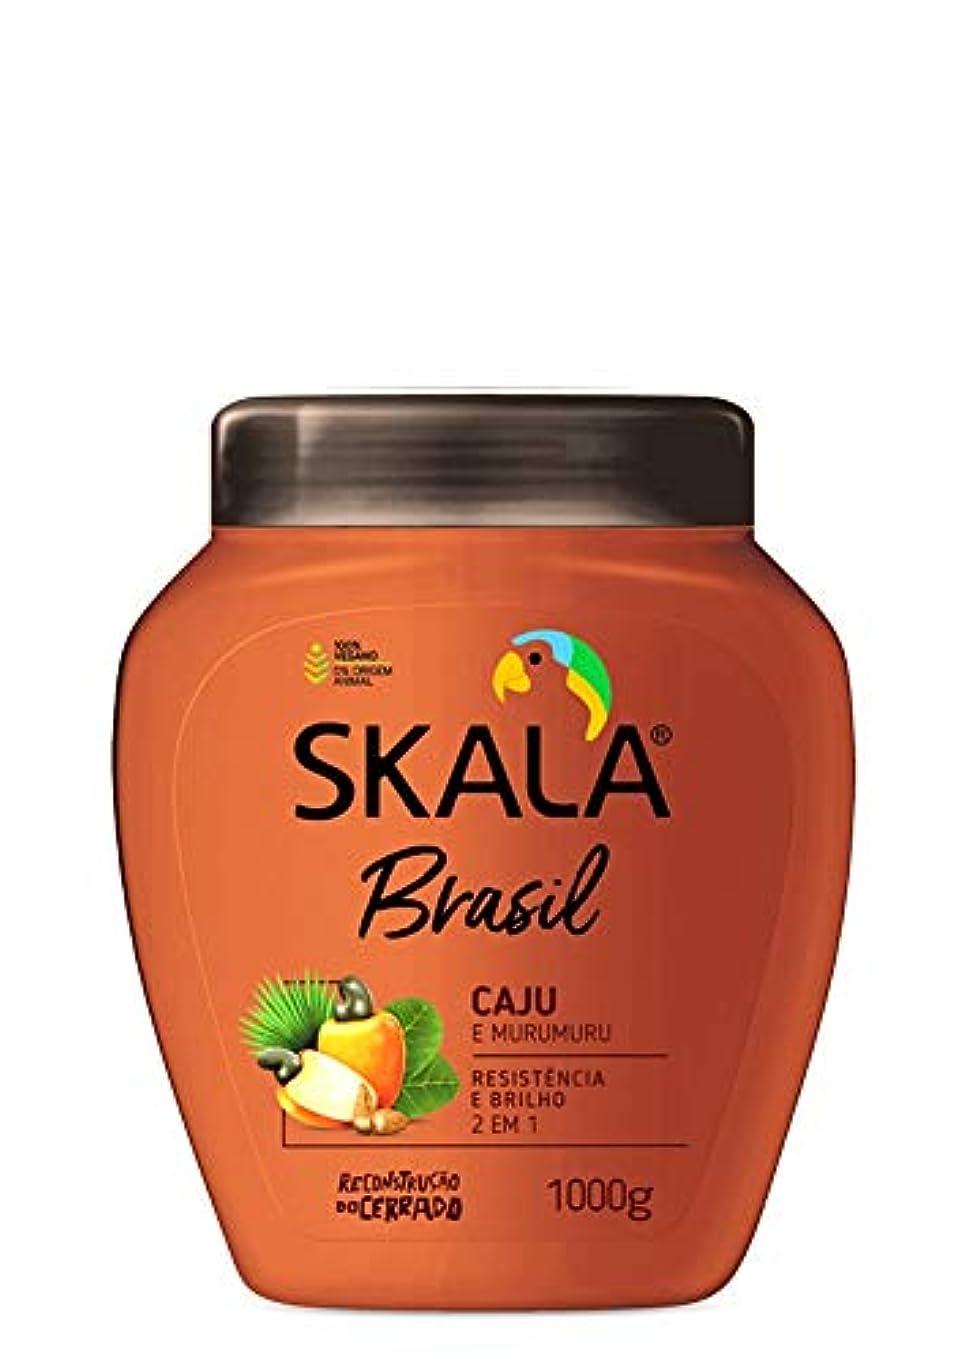 冒険ストレージ補うSkala Brasil スカラブラジル カジュ&ムルムル オールヘア用 2イン1 トリートメントクリーム 1kg